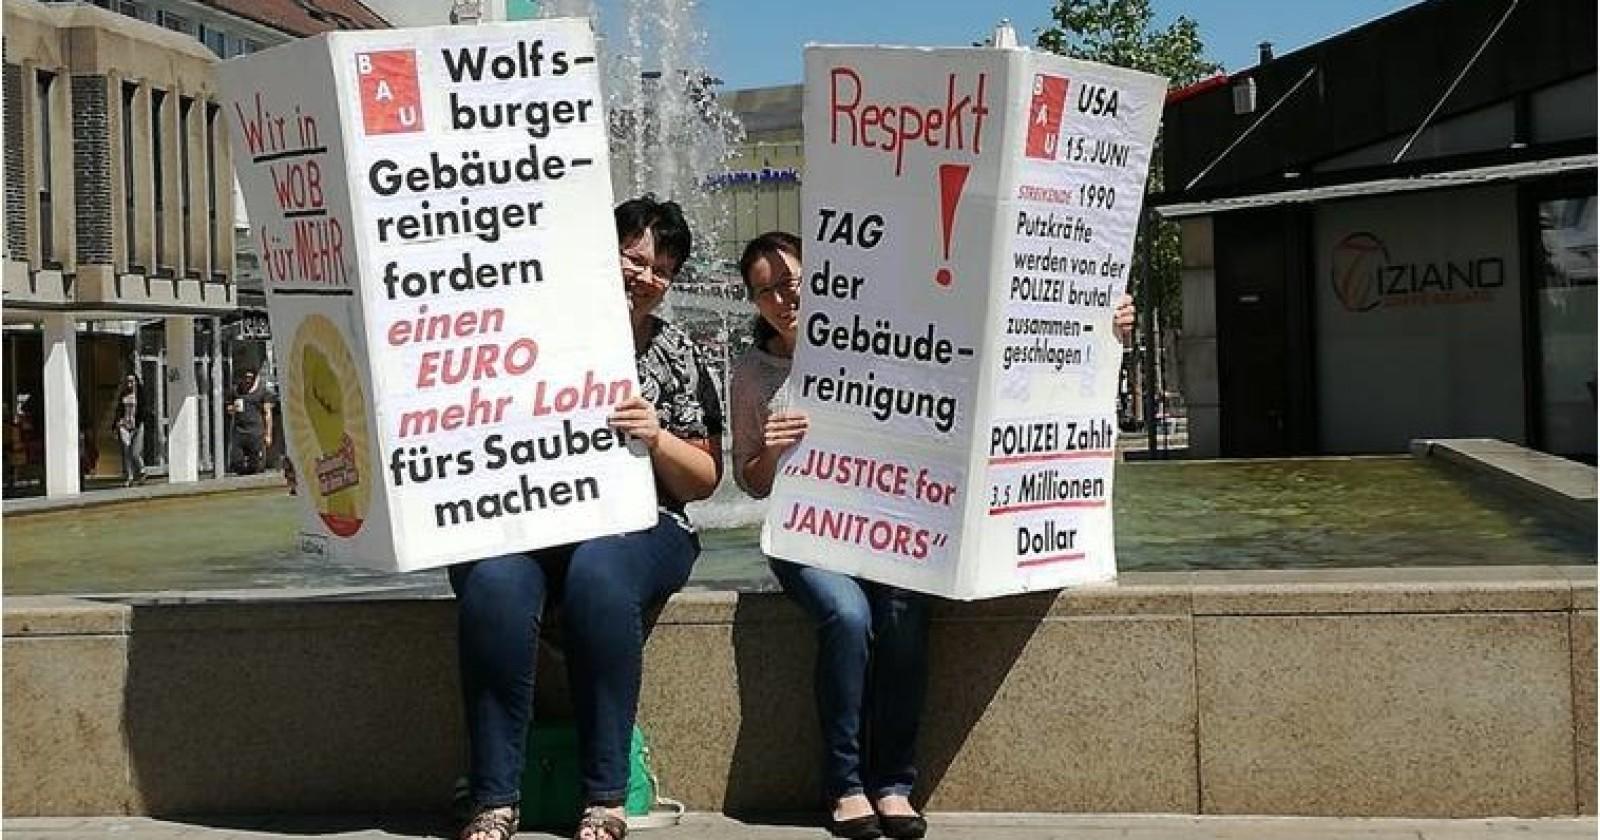 TAG DER GEBÄUDEREINIGUNG in WOLFSBURG - Plötzlich stehen wir auf allen Titelseiten!